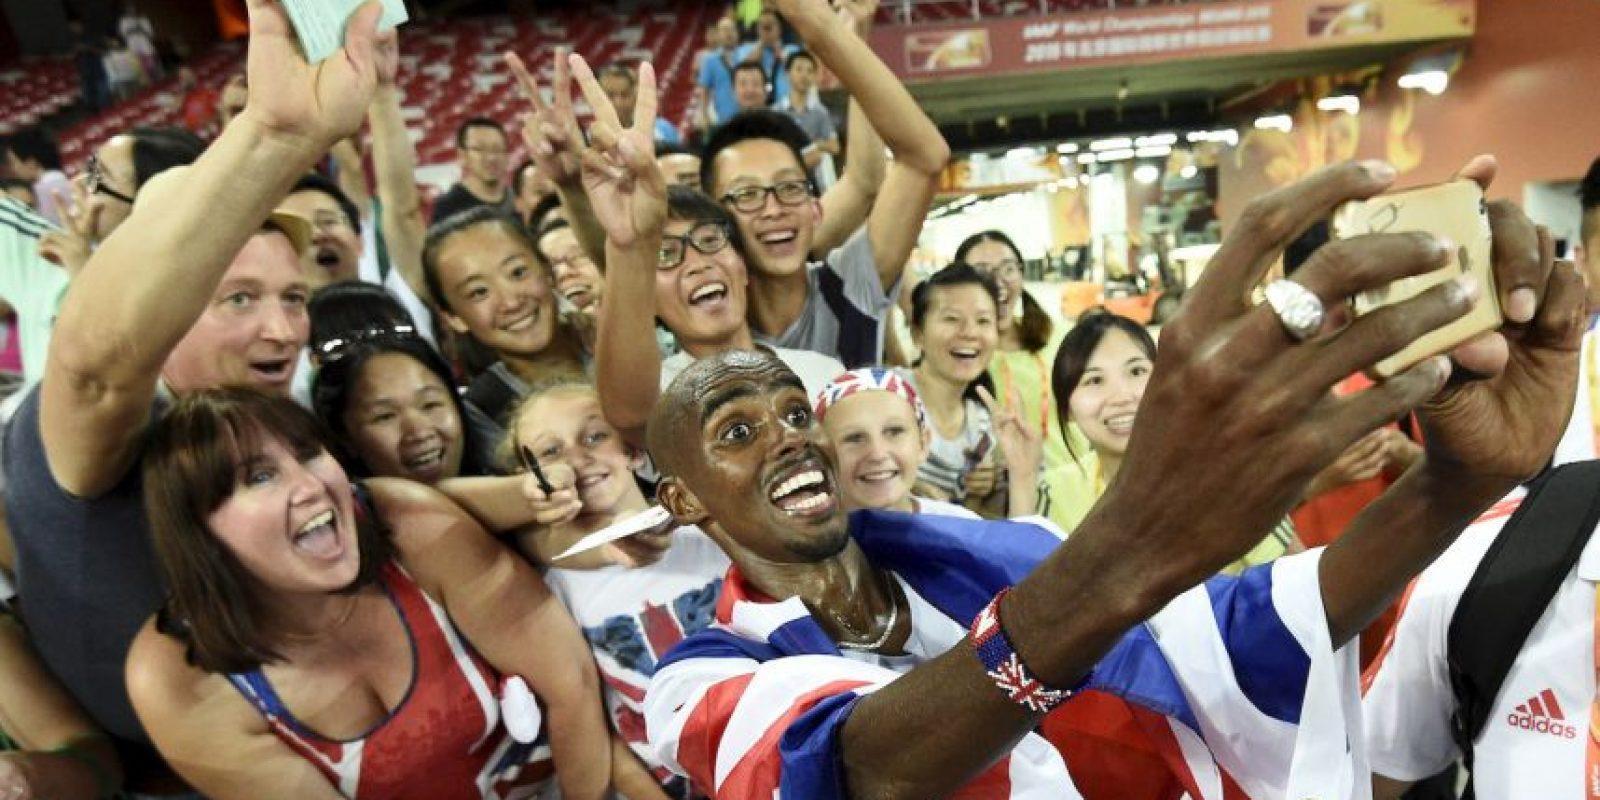 Mo Fa posa con fanáticos al ganar la final de 10 mil metros de atletismo en el Campeonato Mundial de la IAAF 2015. Foto:AFP